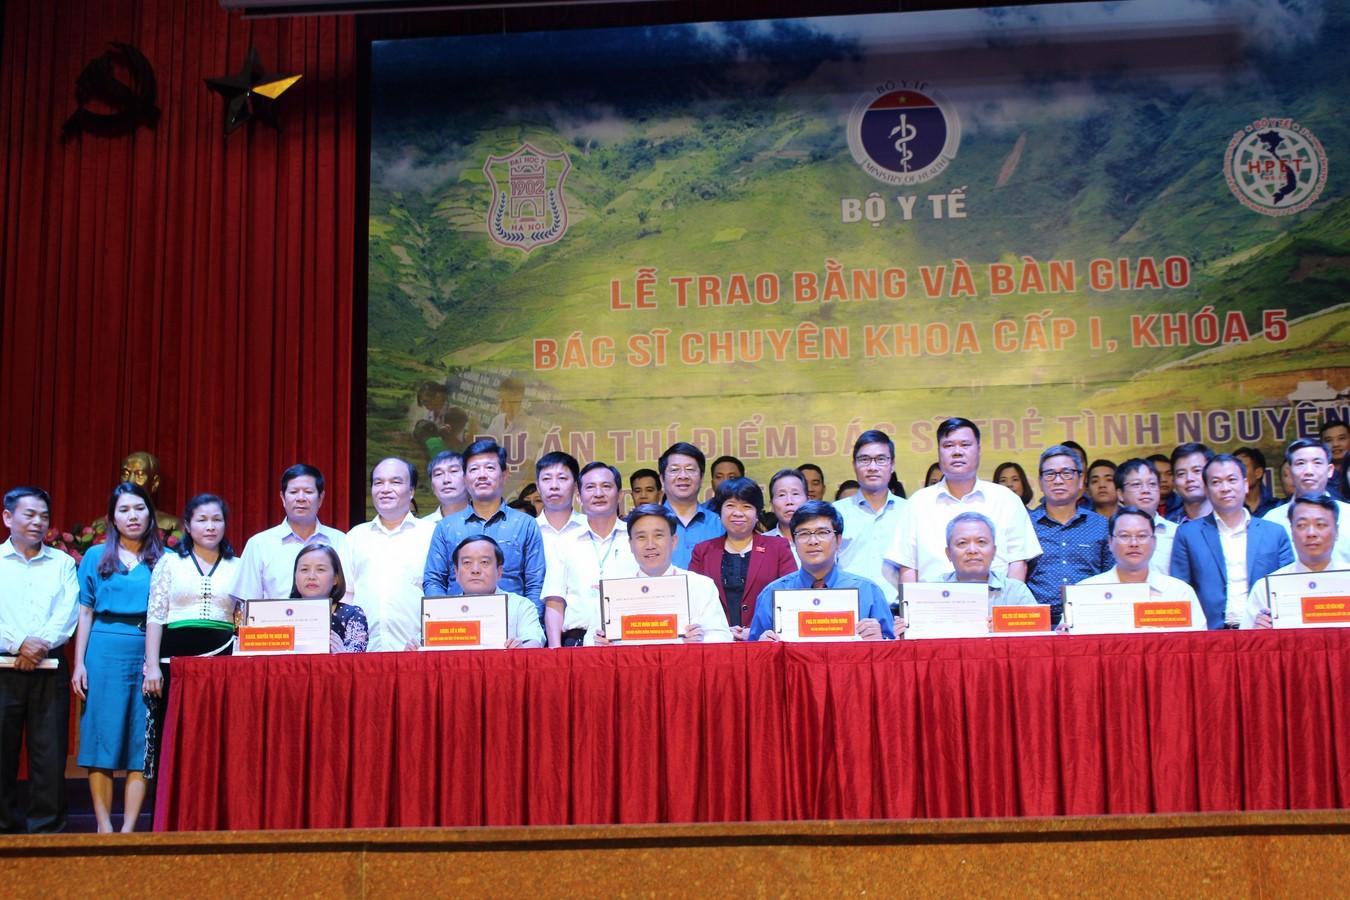 Lễ trao bằng và bàn giao bác trẻ tình nguyện khoá 5, dự án 585